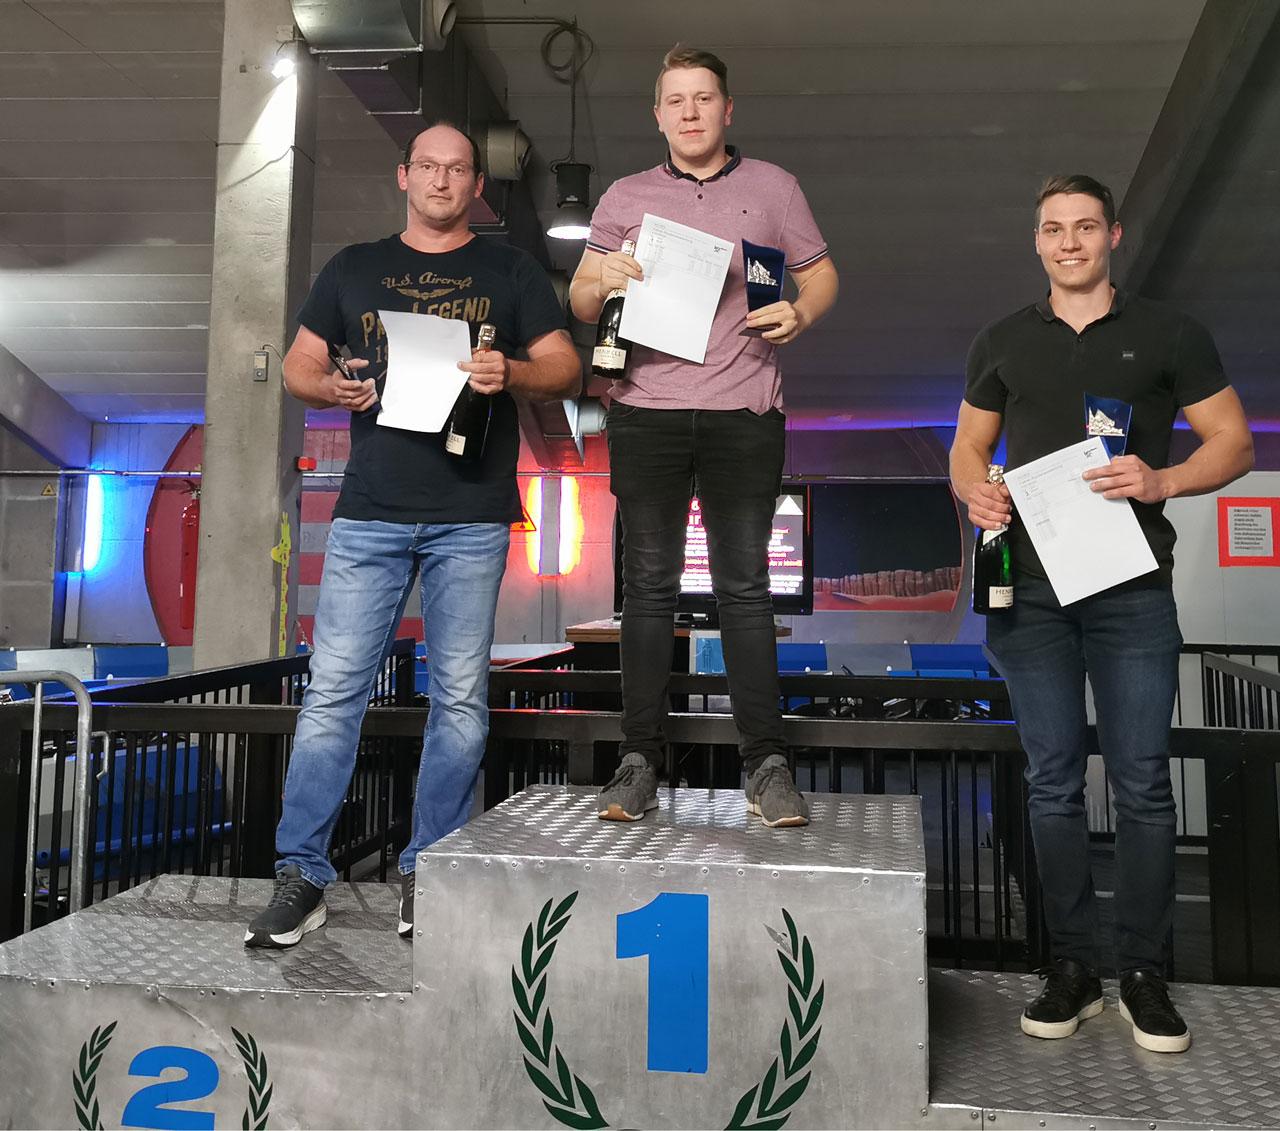 v.l. Zweitplatzierter Josef Zaglauer, Sieger Kevin Strohmaier und Drittplatzierter Simon Weber